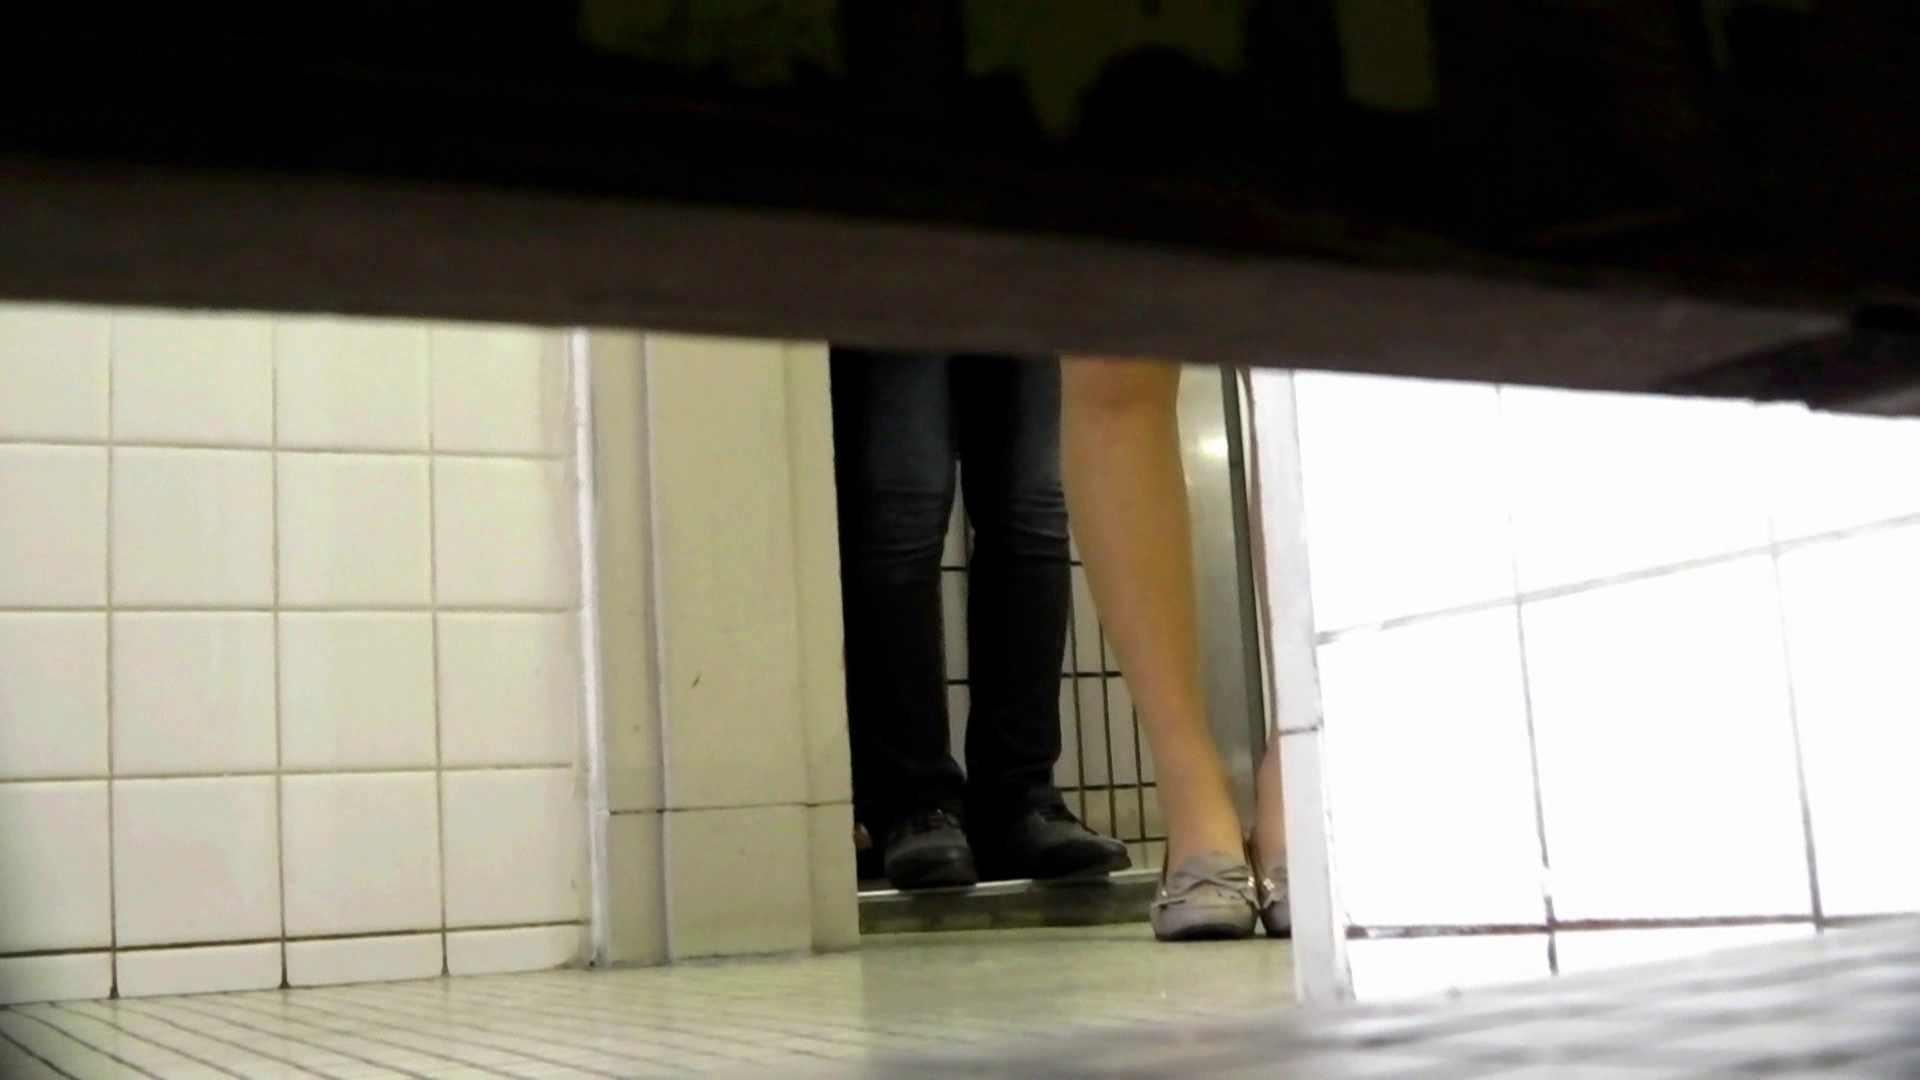 洗面所特攻隊 vol.74 last 2総勢16名激撮【2015・29位】 丸見え すけべAV動画紹介 40画像 21